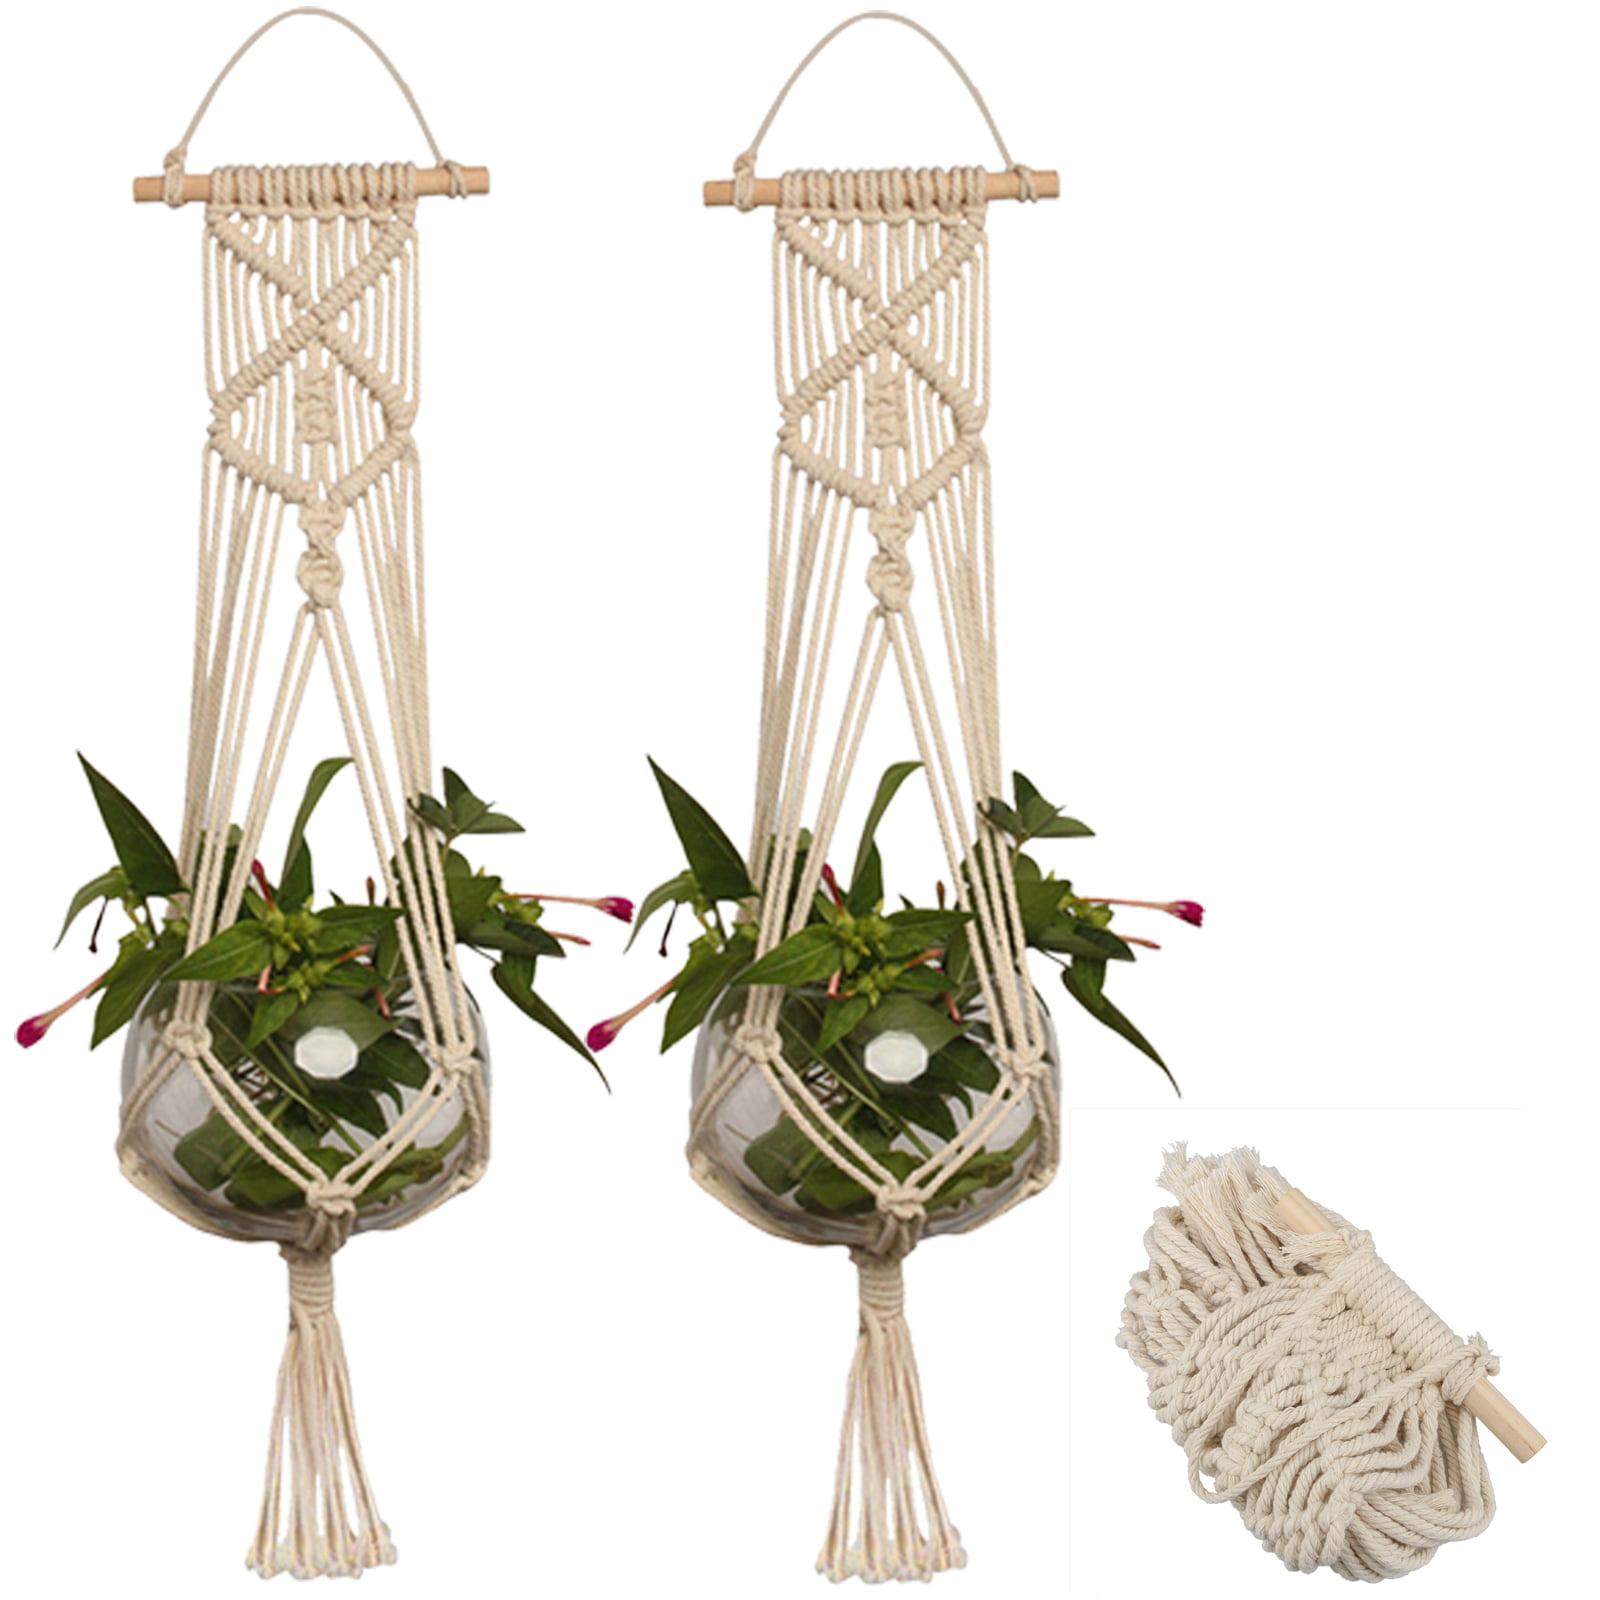 2 Pack Macrame Plant Hanger Indoor Outdoor Hanging Planter Basket